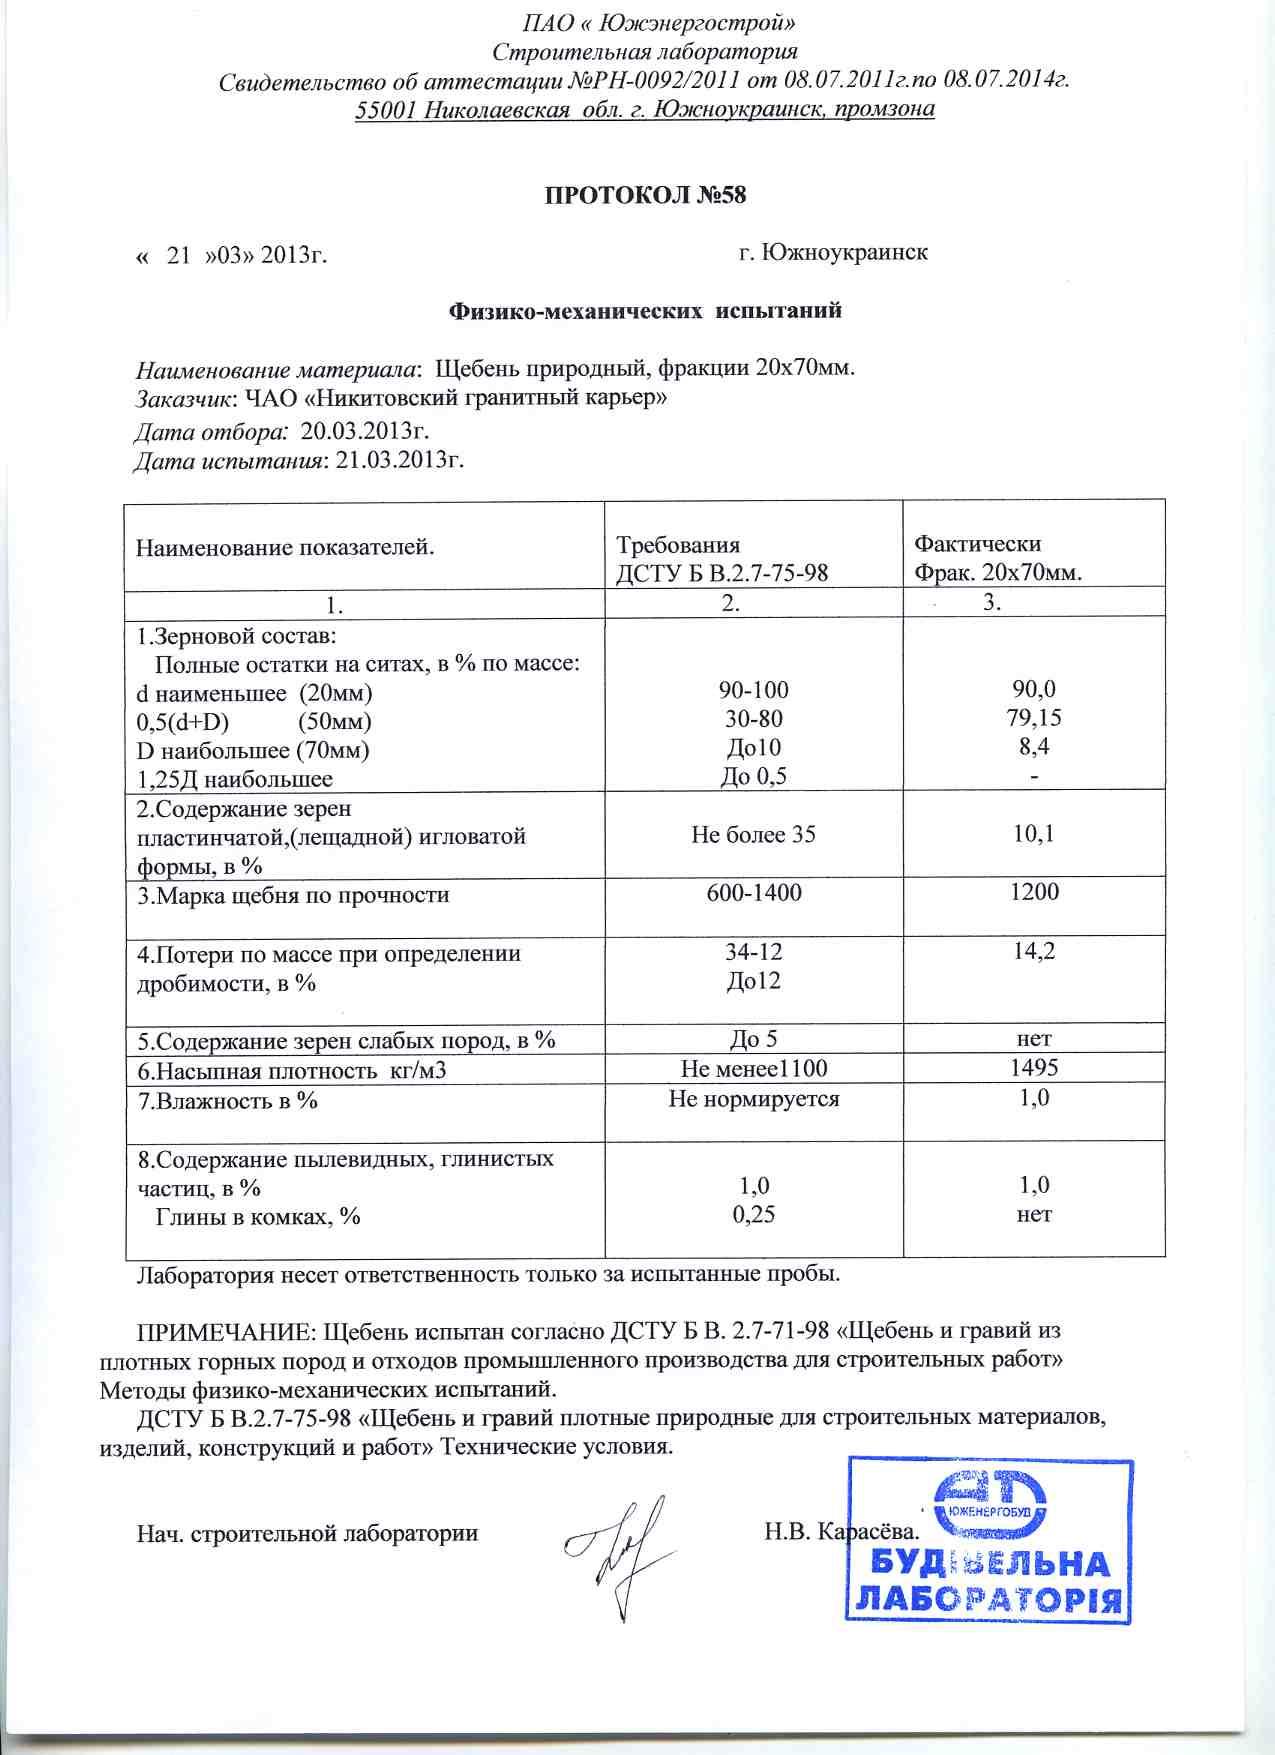 shheben_gravijnyj_ot_proizvoditelya_vozmozhen_eksport_kupit_shheben_gravijnyj